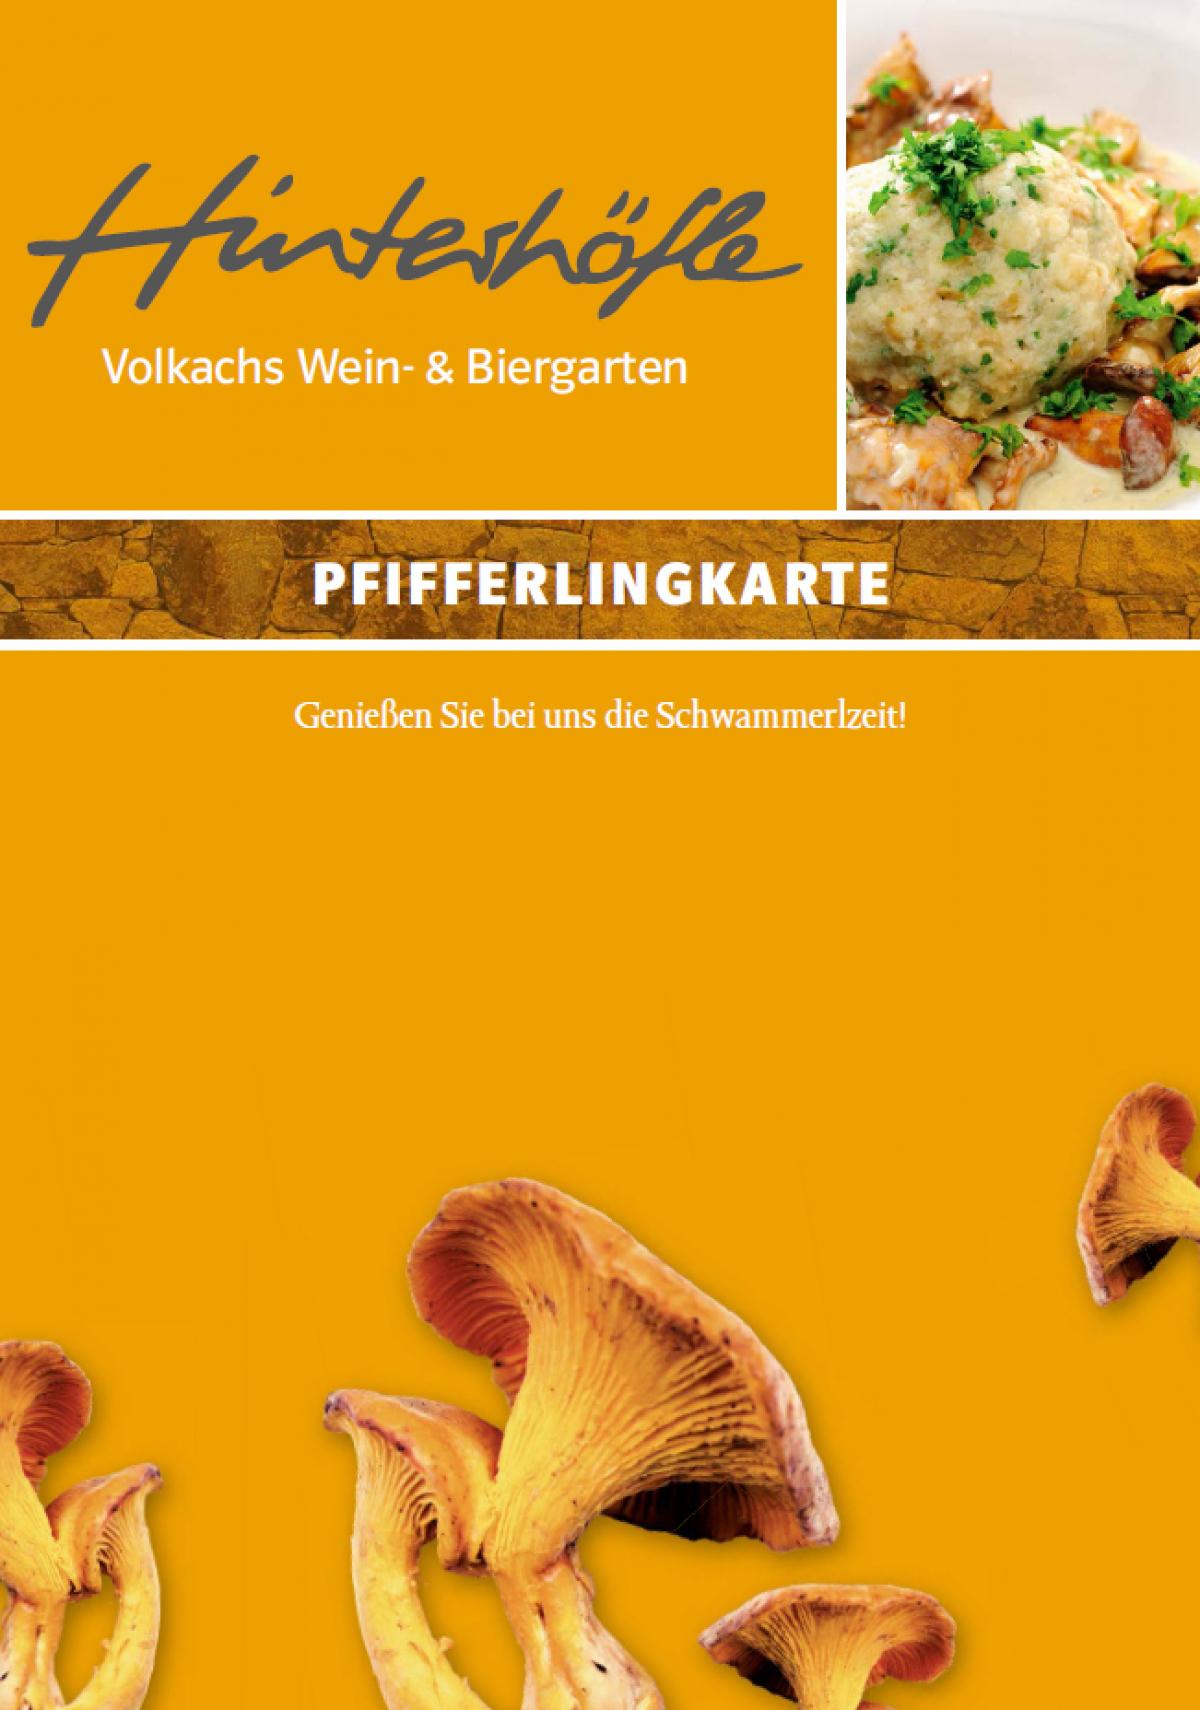 Hinterhofle Wein Biergarten Mehr Im Herzen Der Altstadt